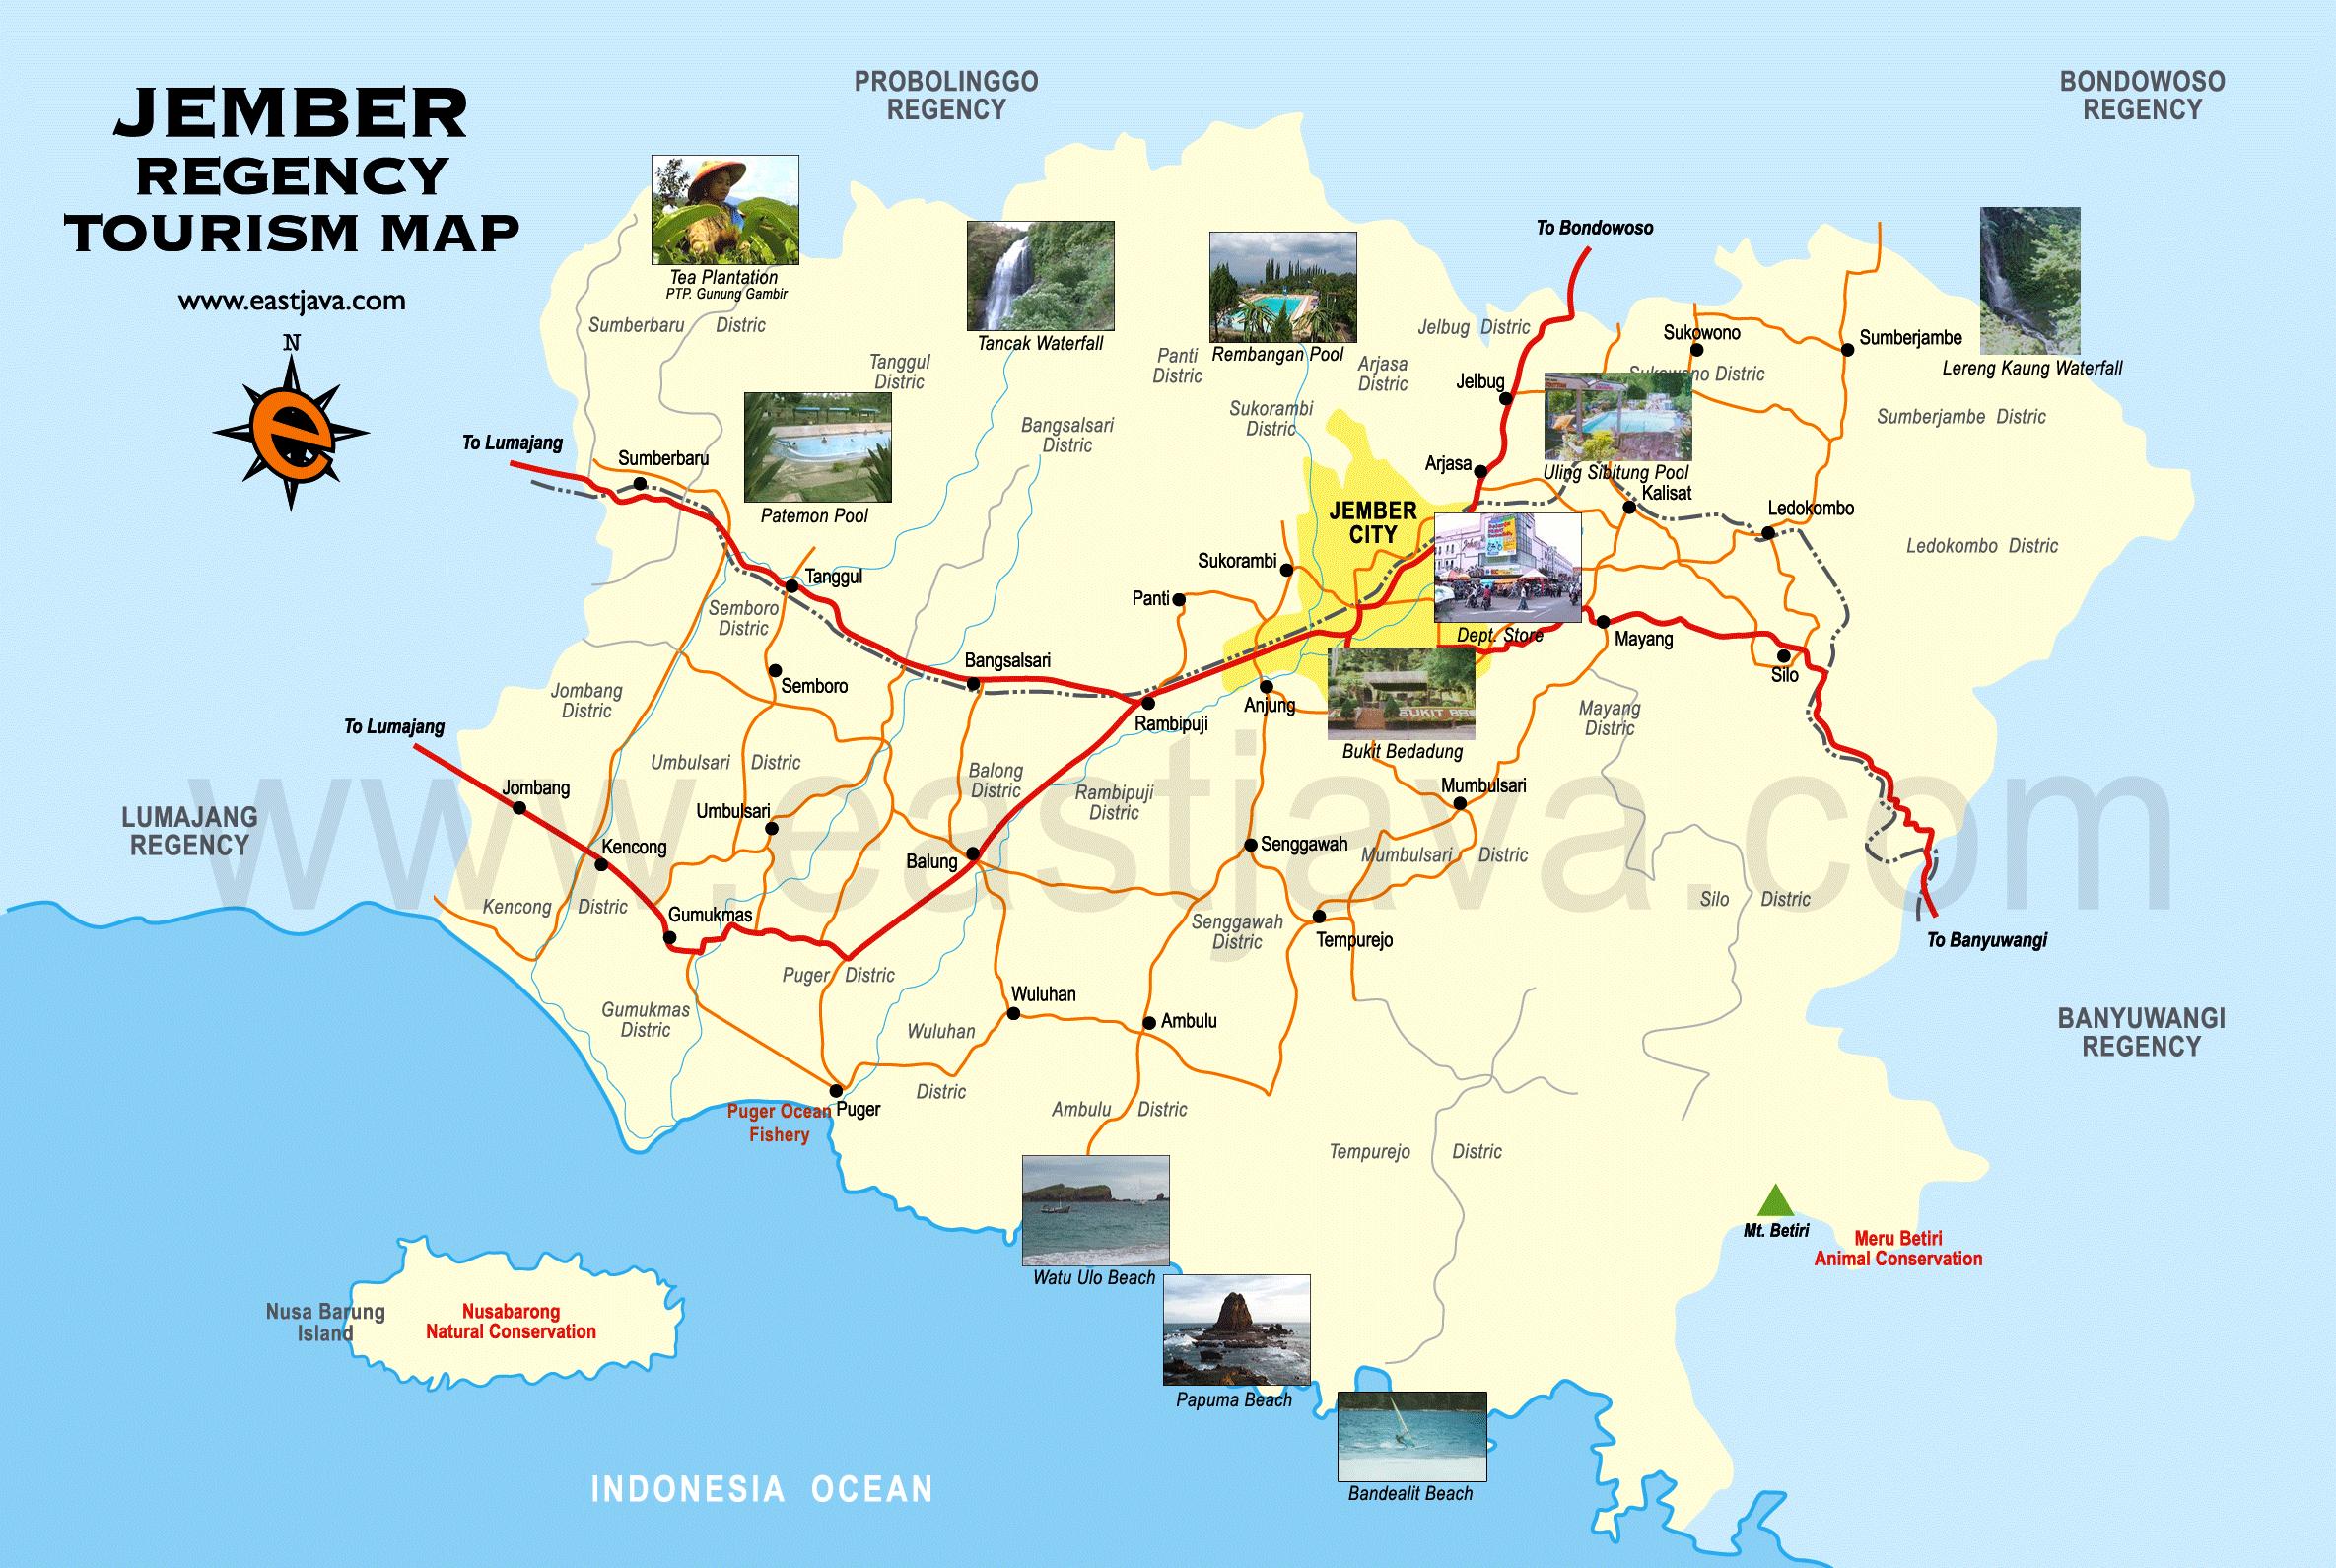 Jember Tourism Map Peta Wisata Google Loko Lori Kab